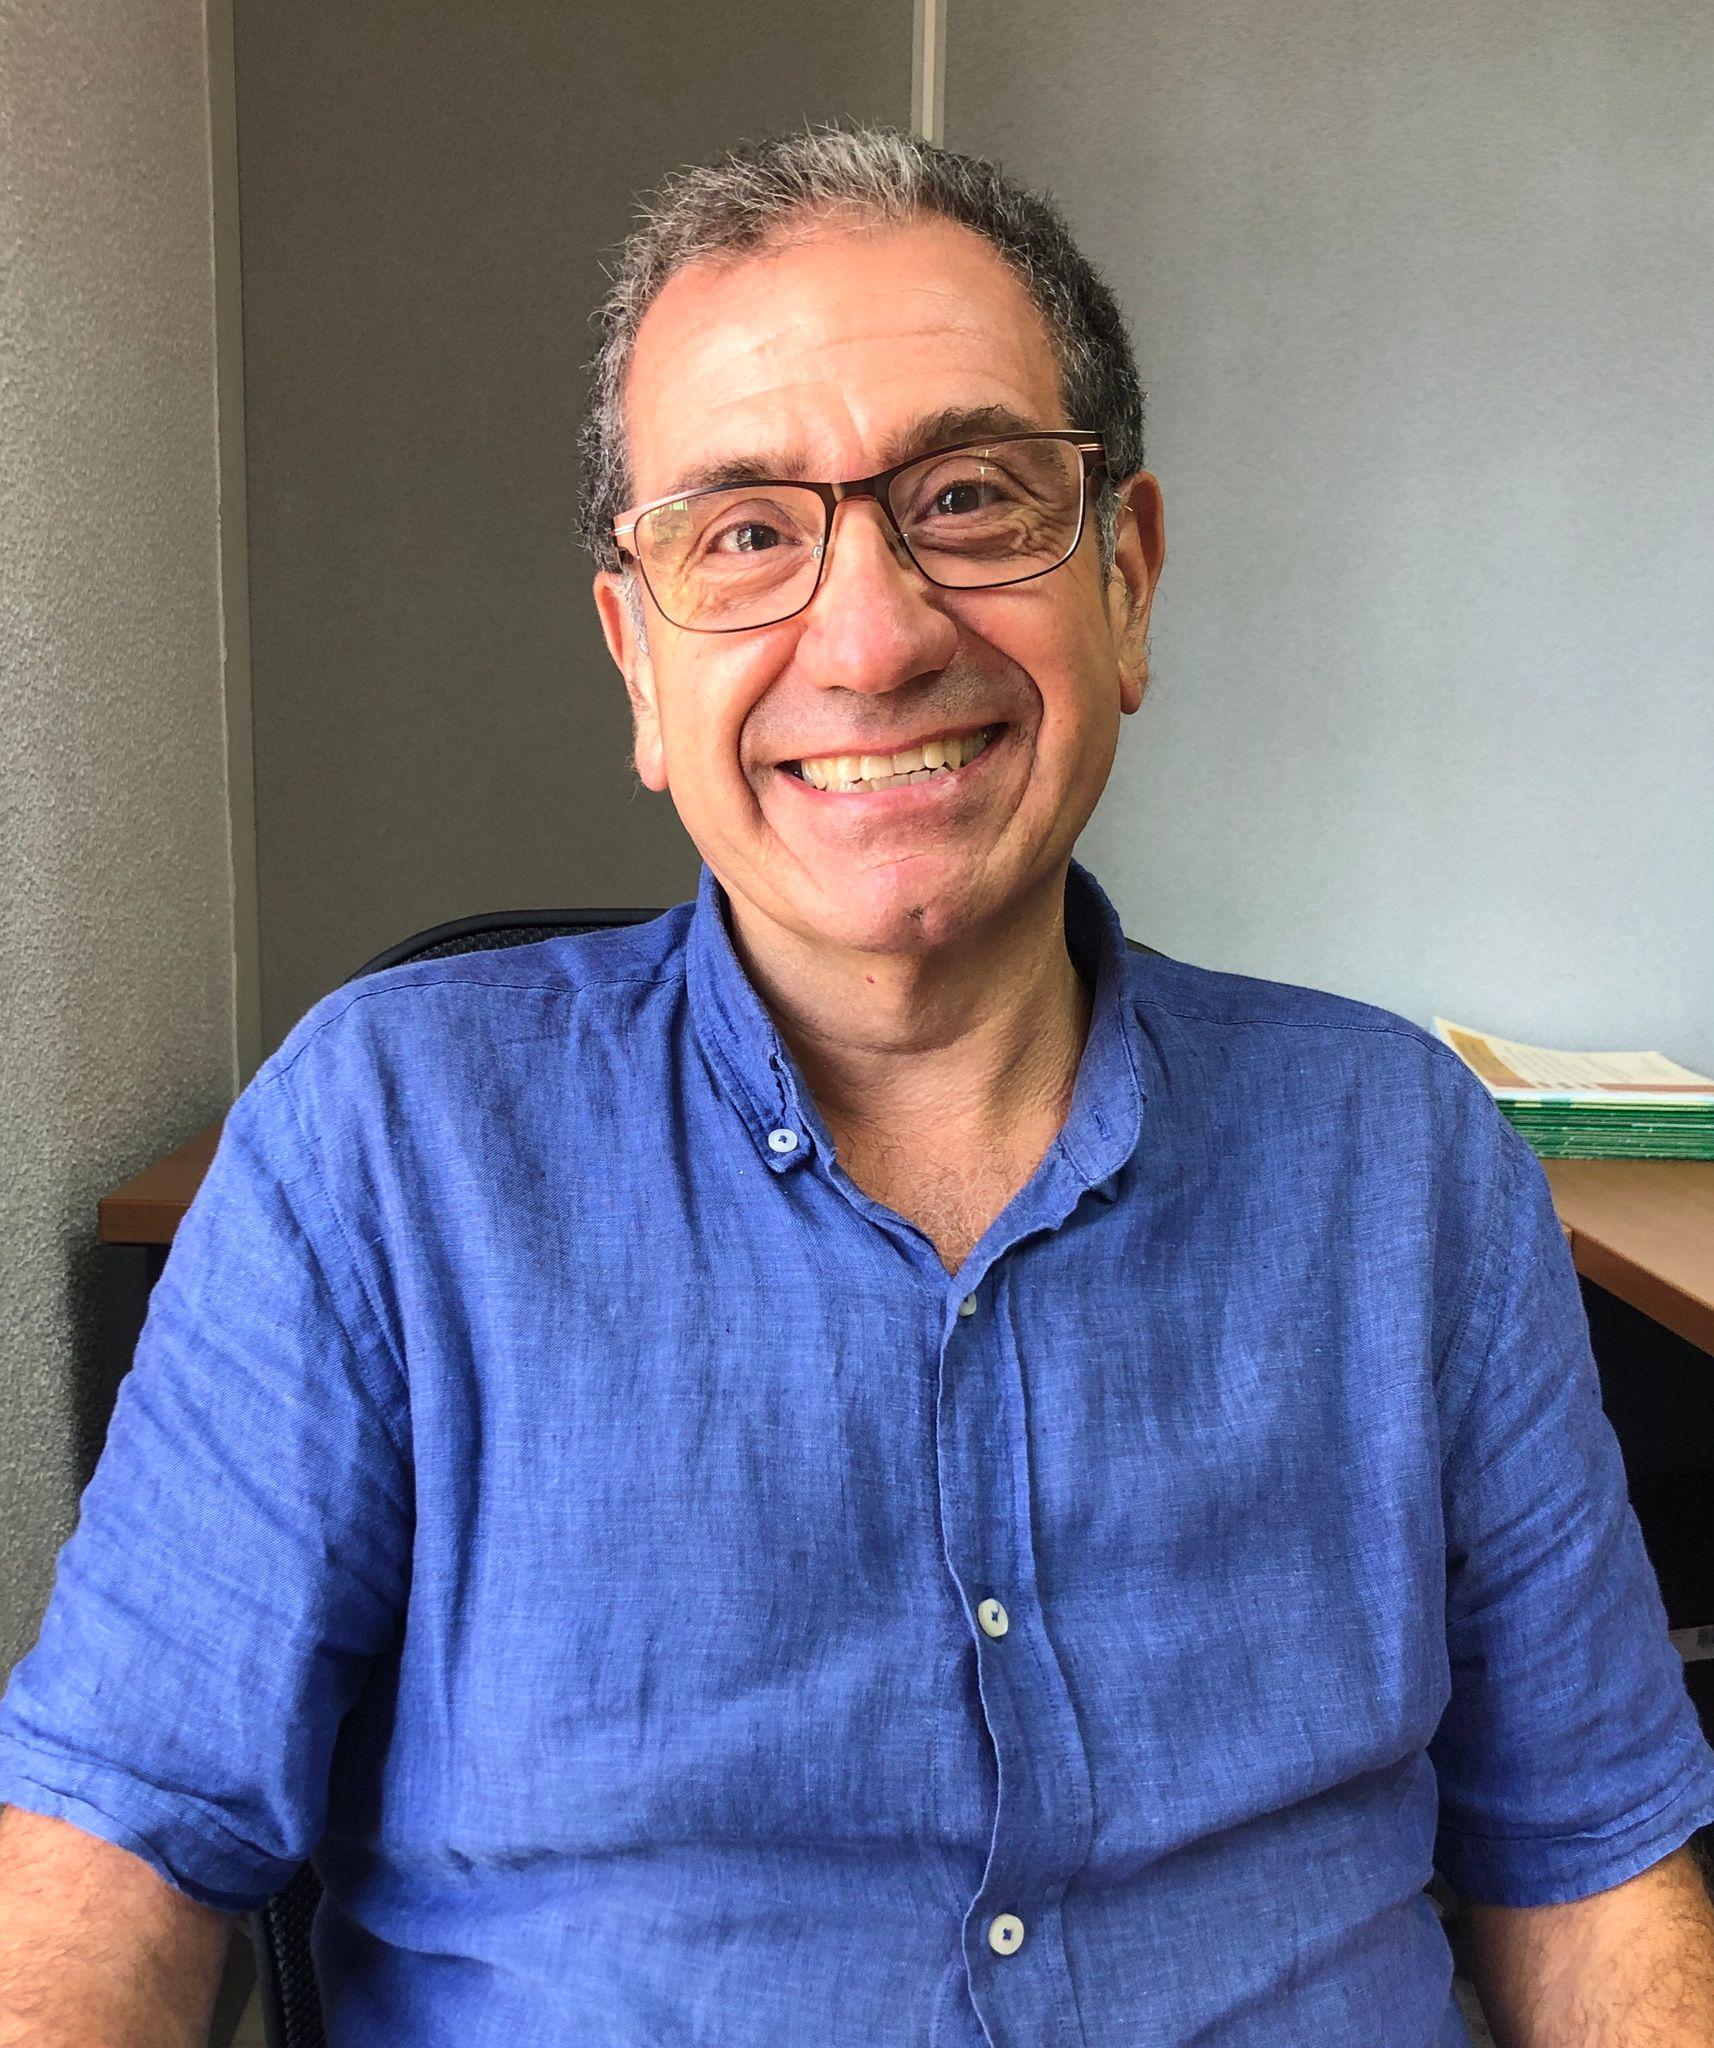 Miguel Ángel Barrones Buzón